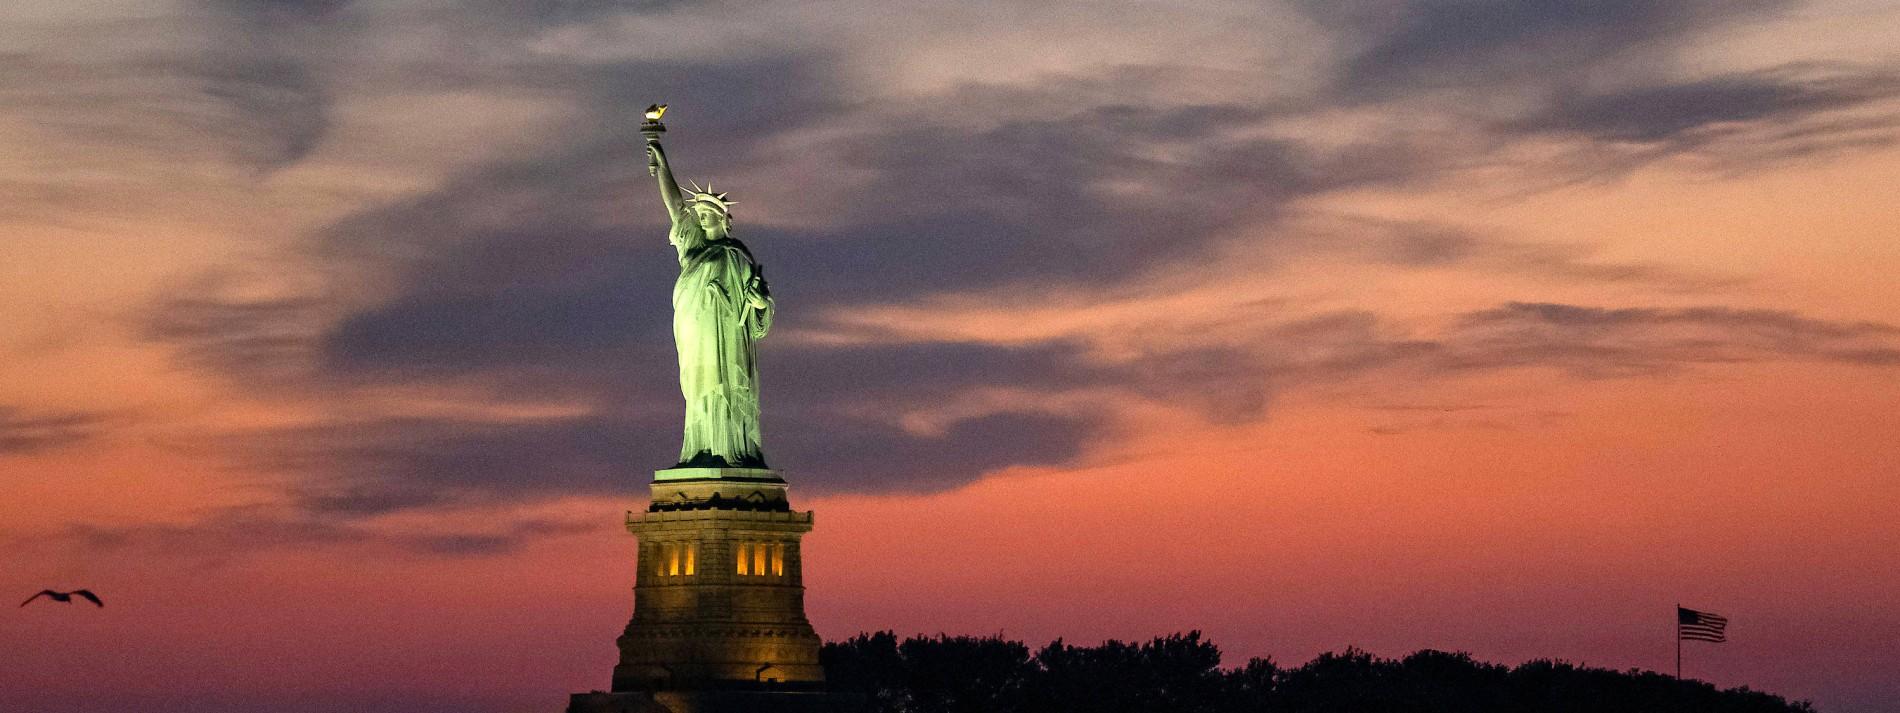 USA-Reisen von November an wieder möglich